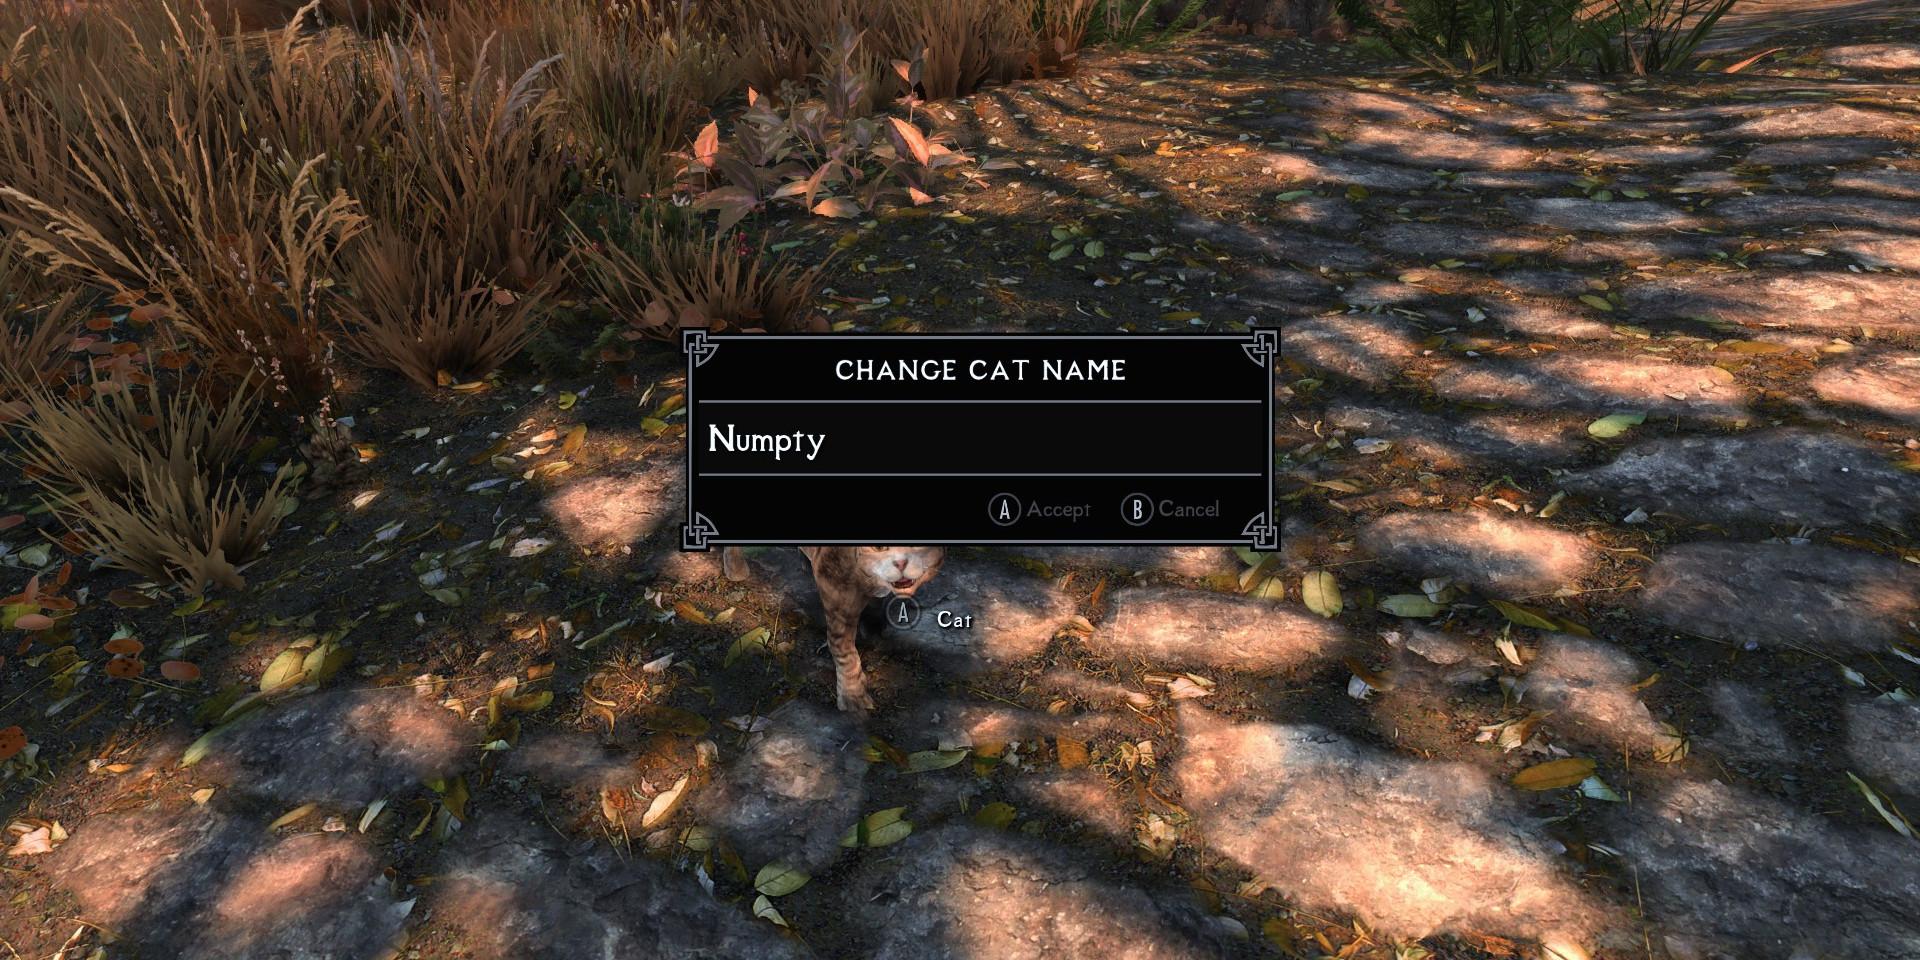 Name Cat